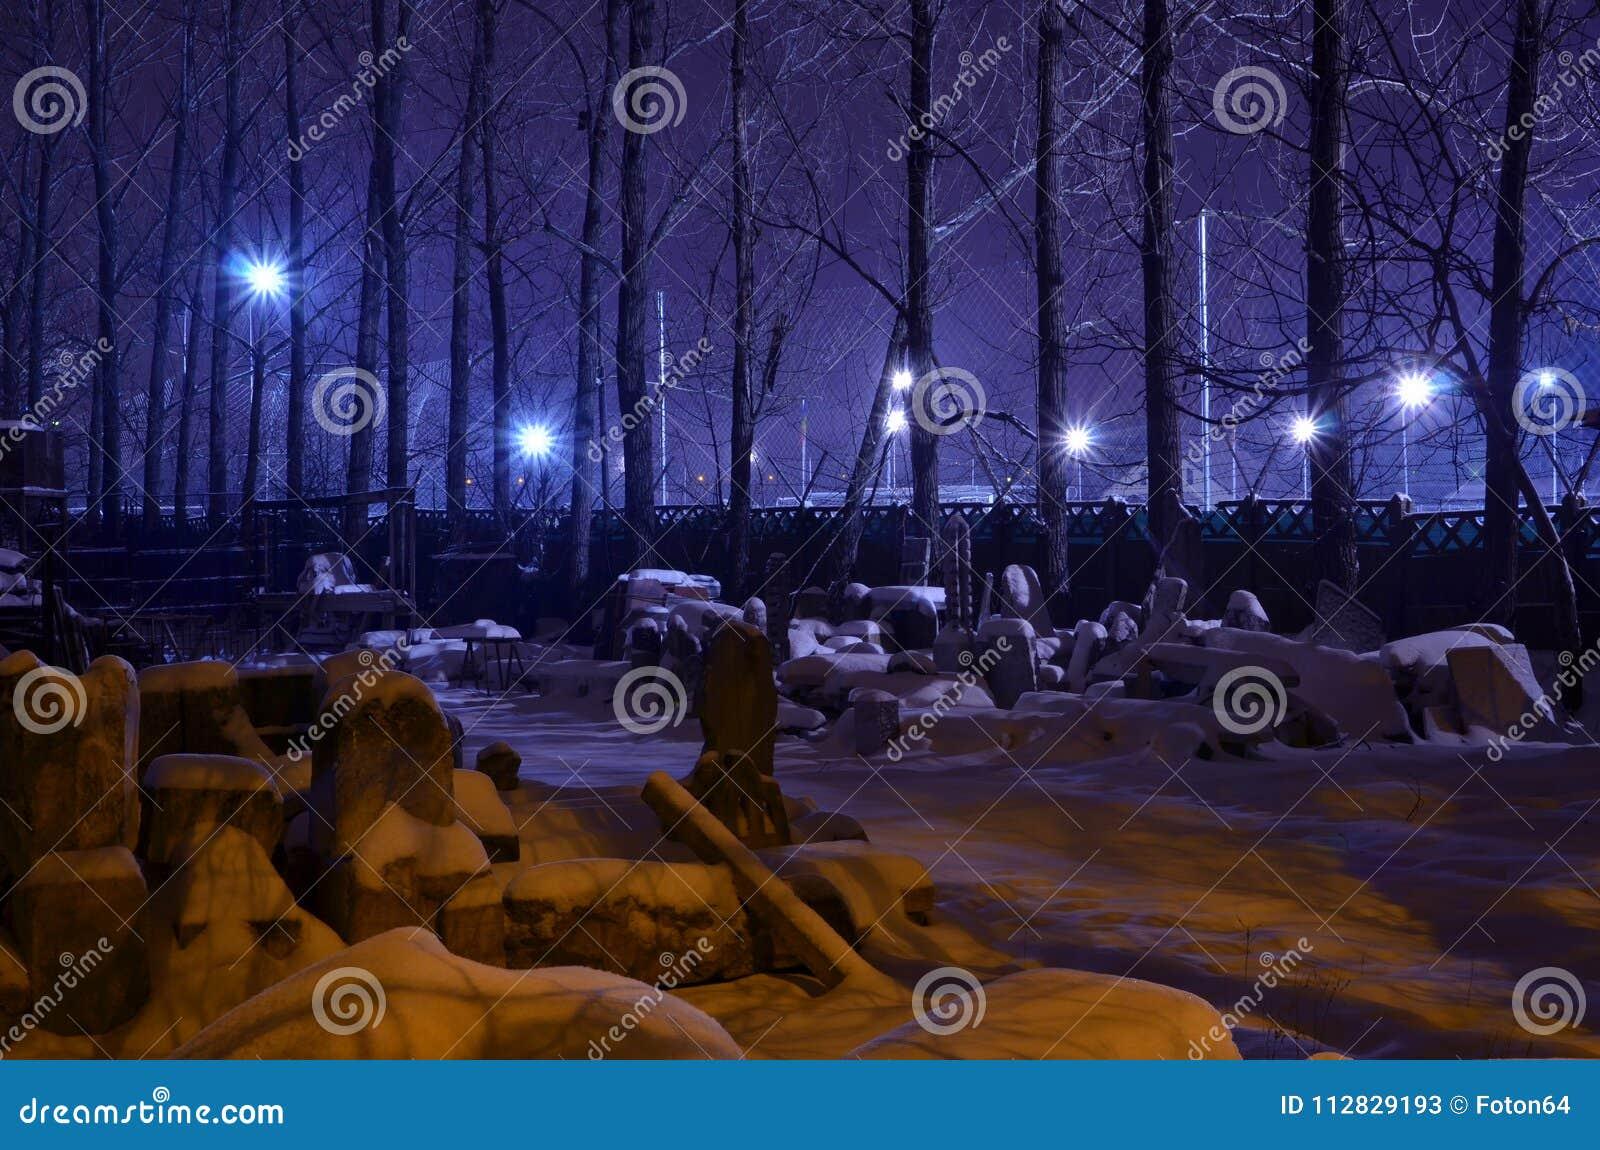 Fantasy night winter scene in purple color